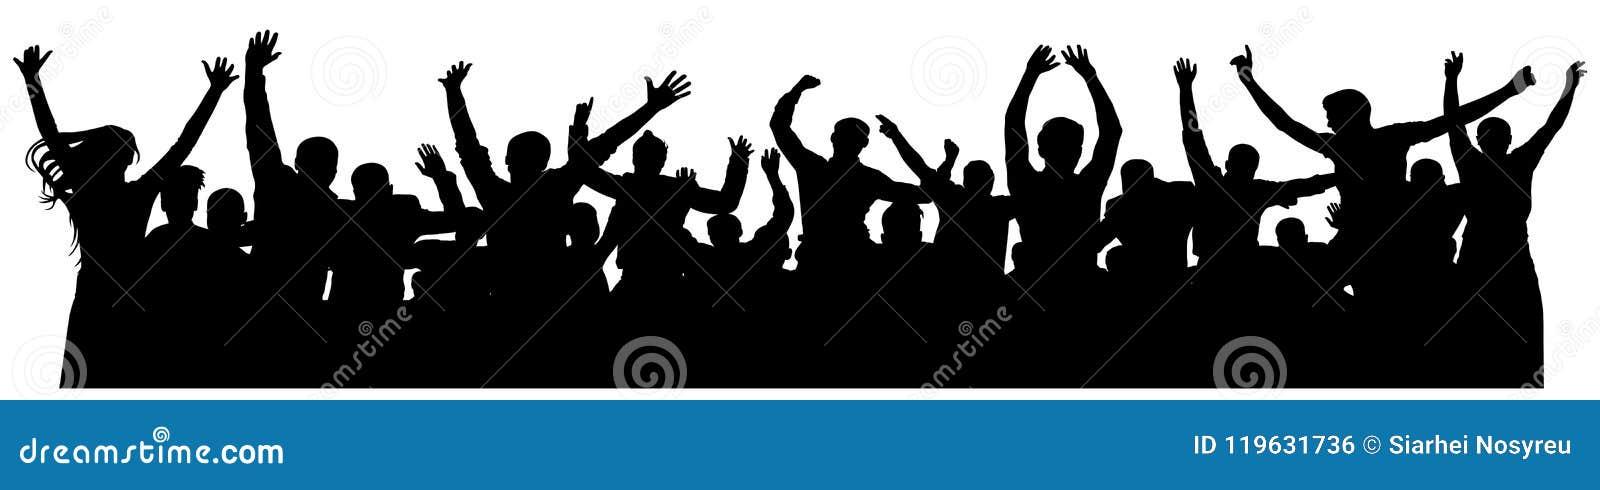 Silhueta alegre dos povos da multidão Multidão alegre Grupo feliz de jovens que dançam no partido musical, concerto, disco